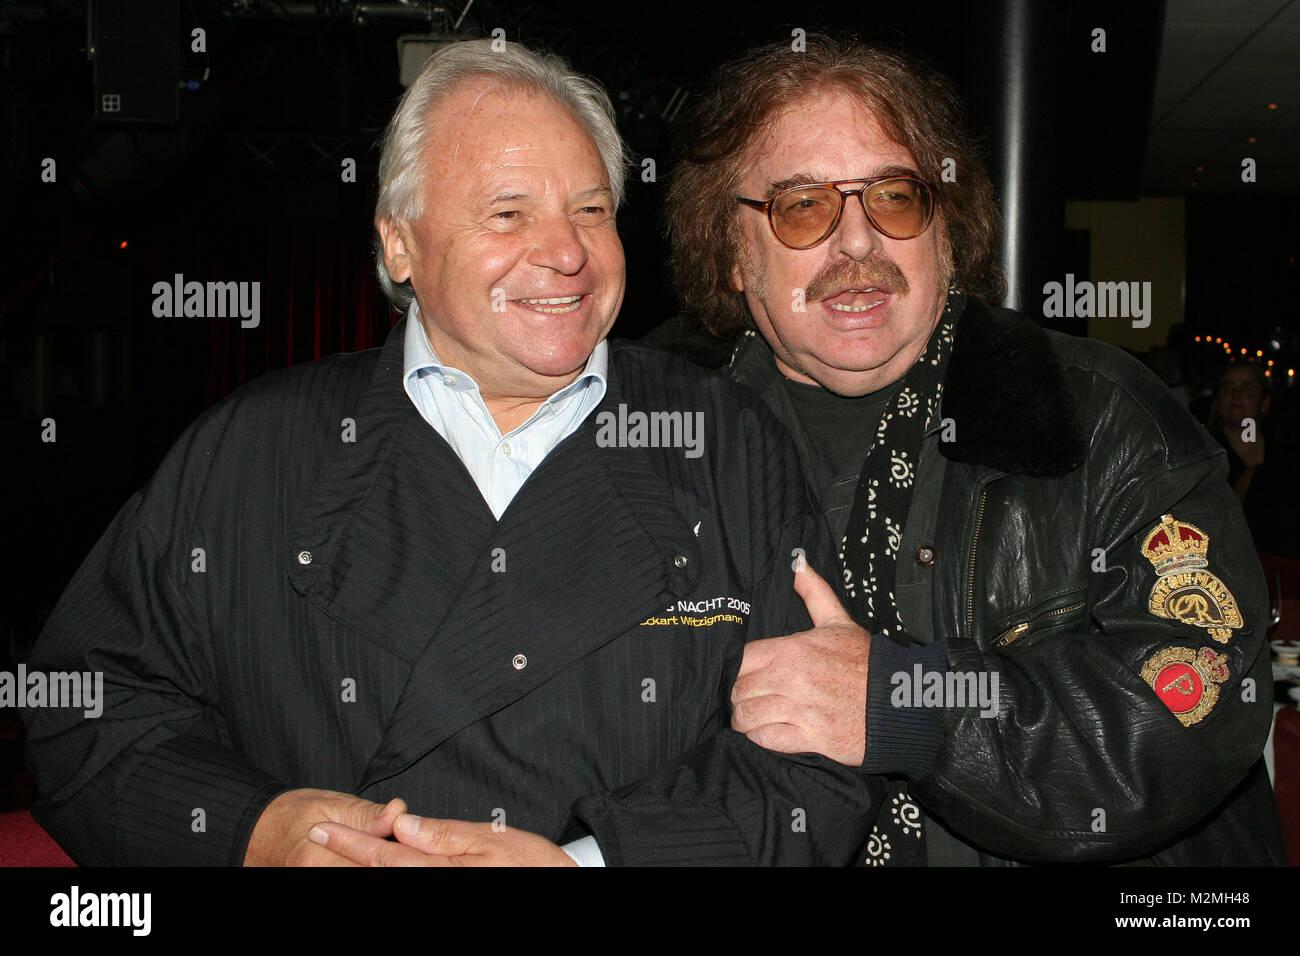 Eckart Witzigmann und Bernhard Paul bei der Premiere von Witzigmann & Roncalli  BAJAZZO  auf der MS RheinEnergie in Koeln am 19.10.2006 Stock Photo